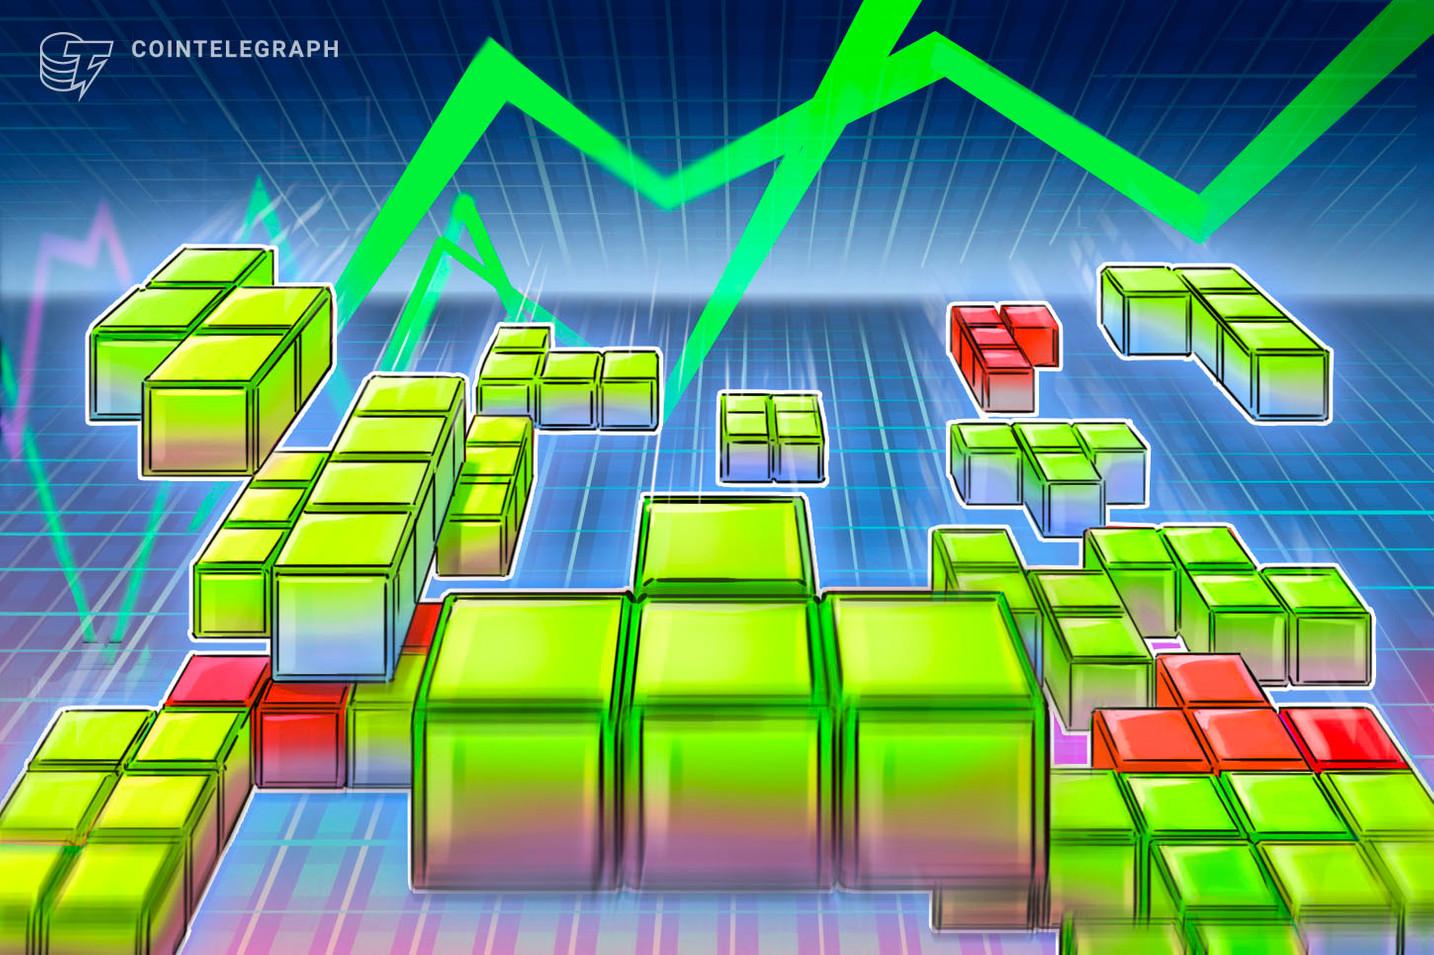 El precio de Bitcoin araña los USD 10,000, a la vez que el precio de las altcoins aumenta